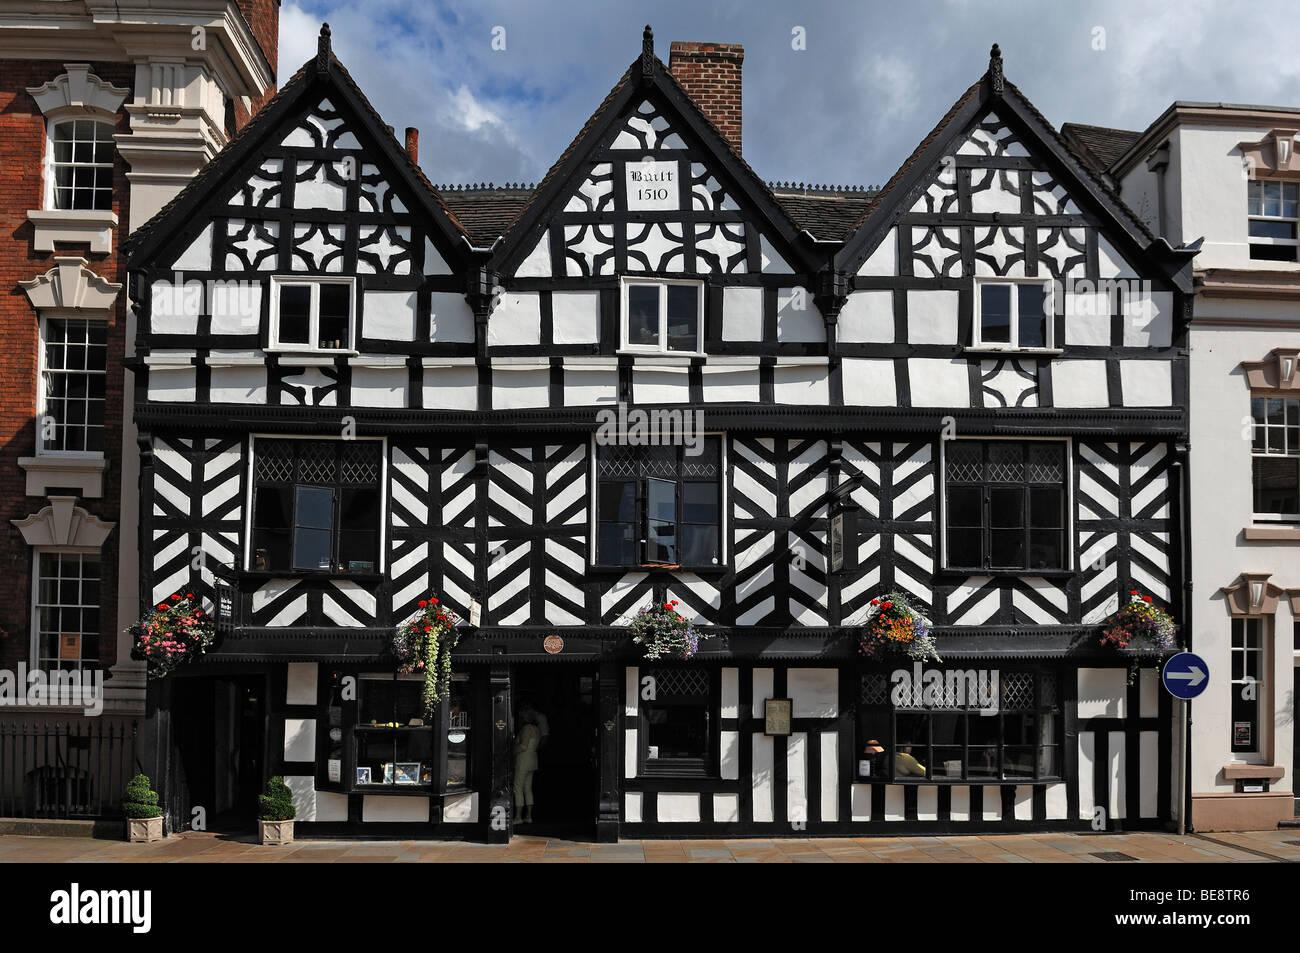 Tudor Style tudor style street stock photos & tudor style street stock images